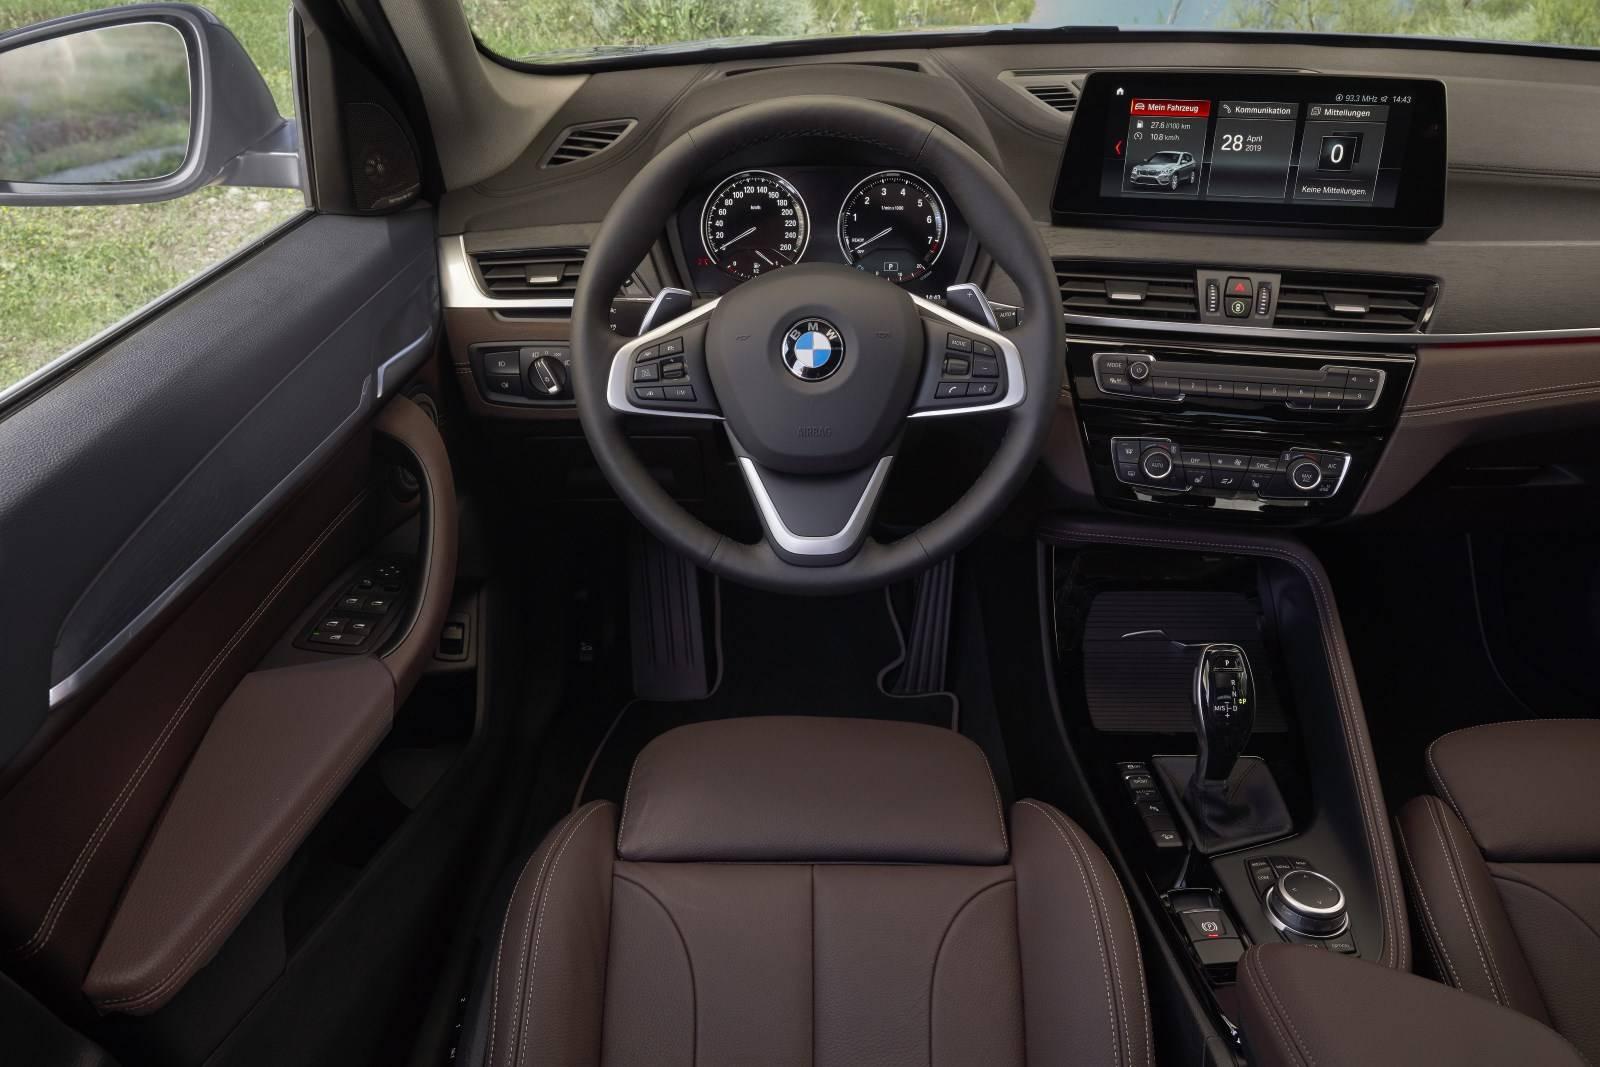 Новый BMW X1 F48 - cмелый и спортивный рестайлинг 4